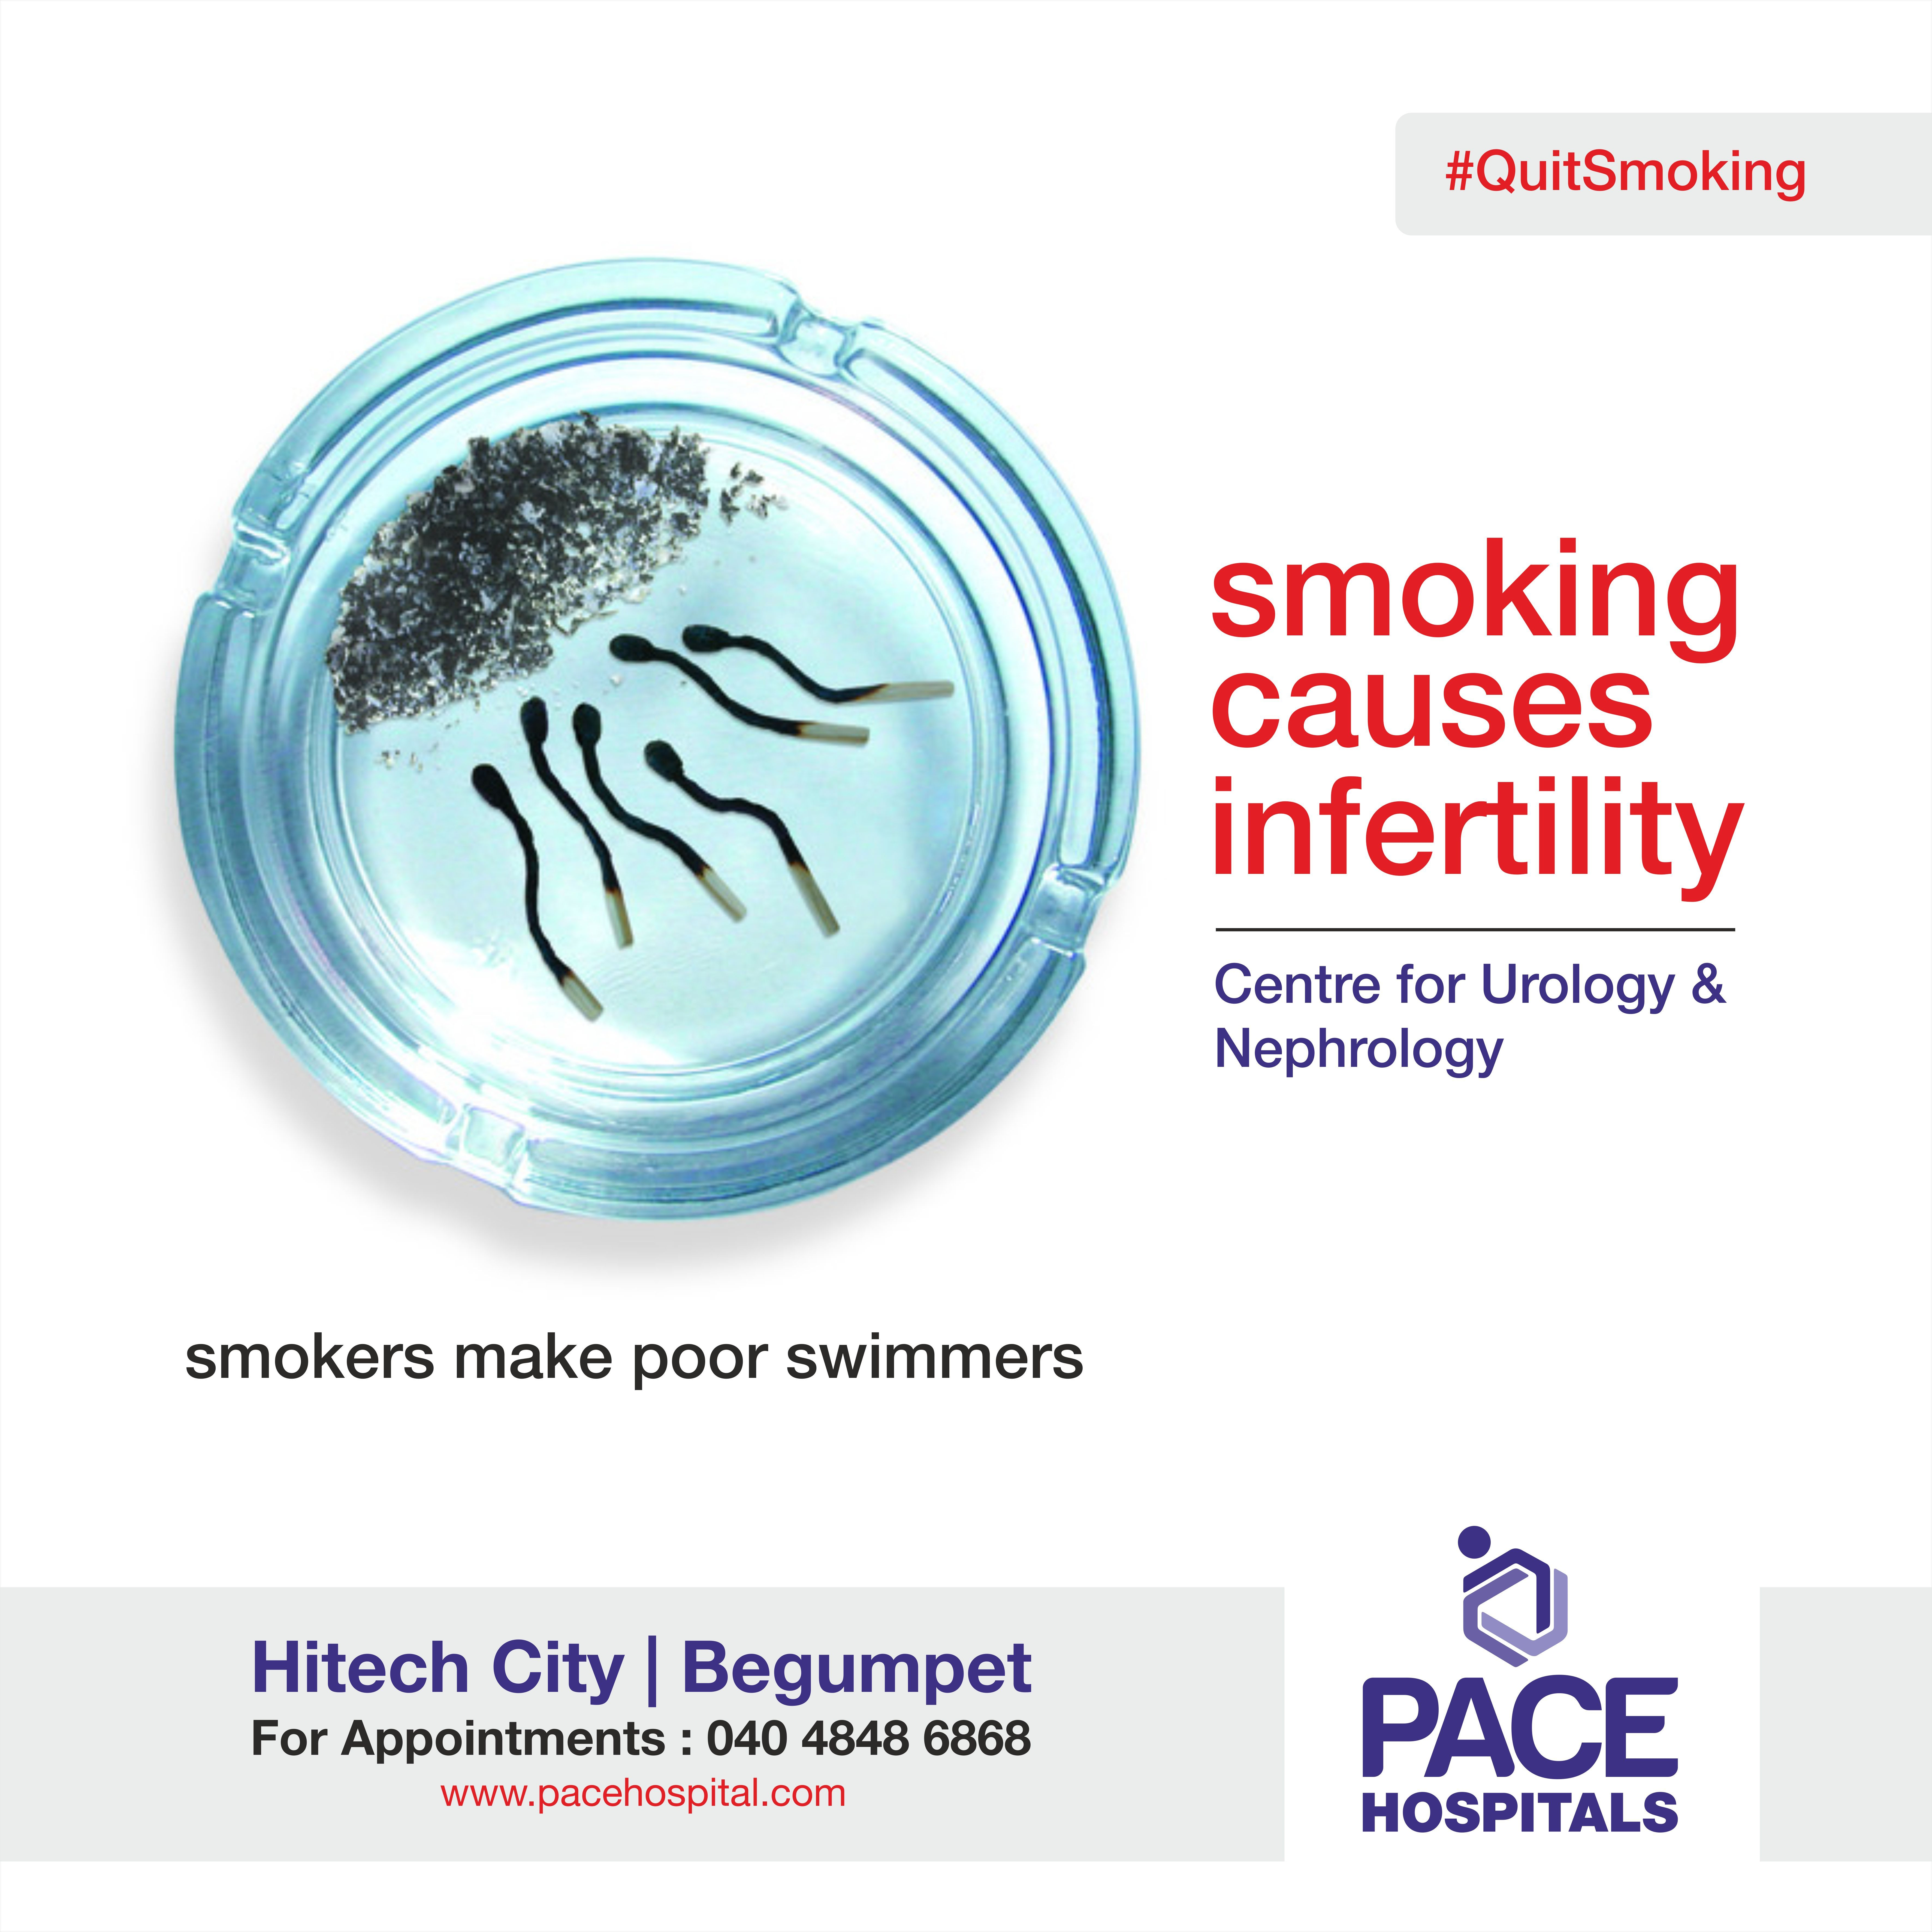 Pin on quitsmoking